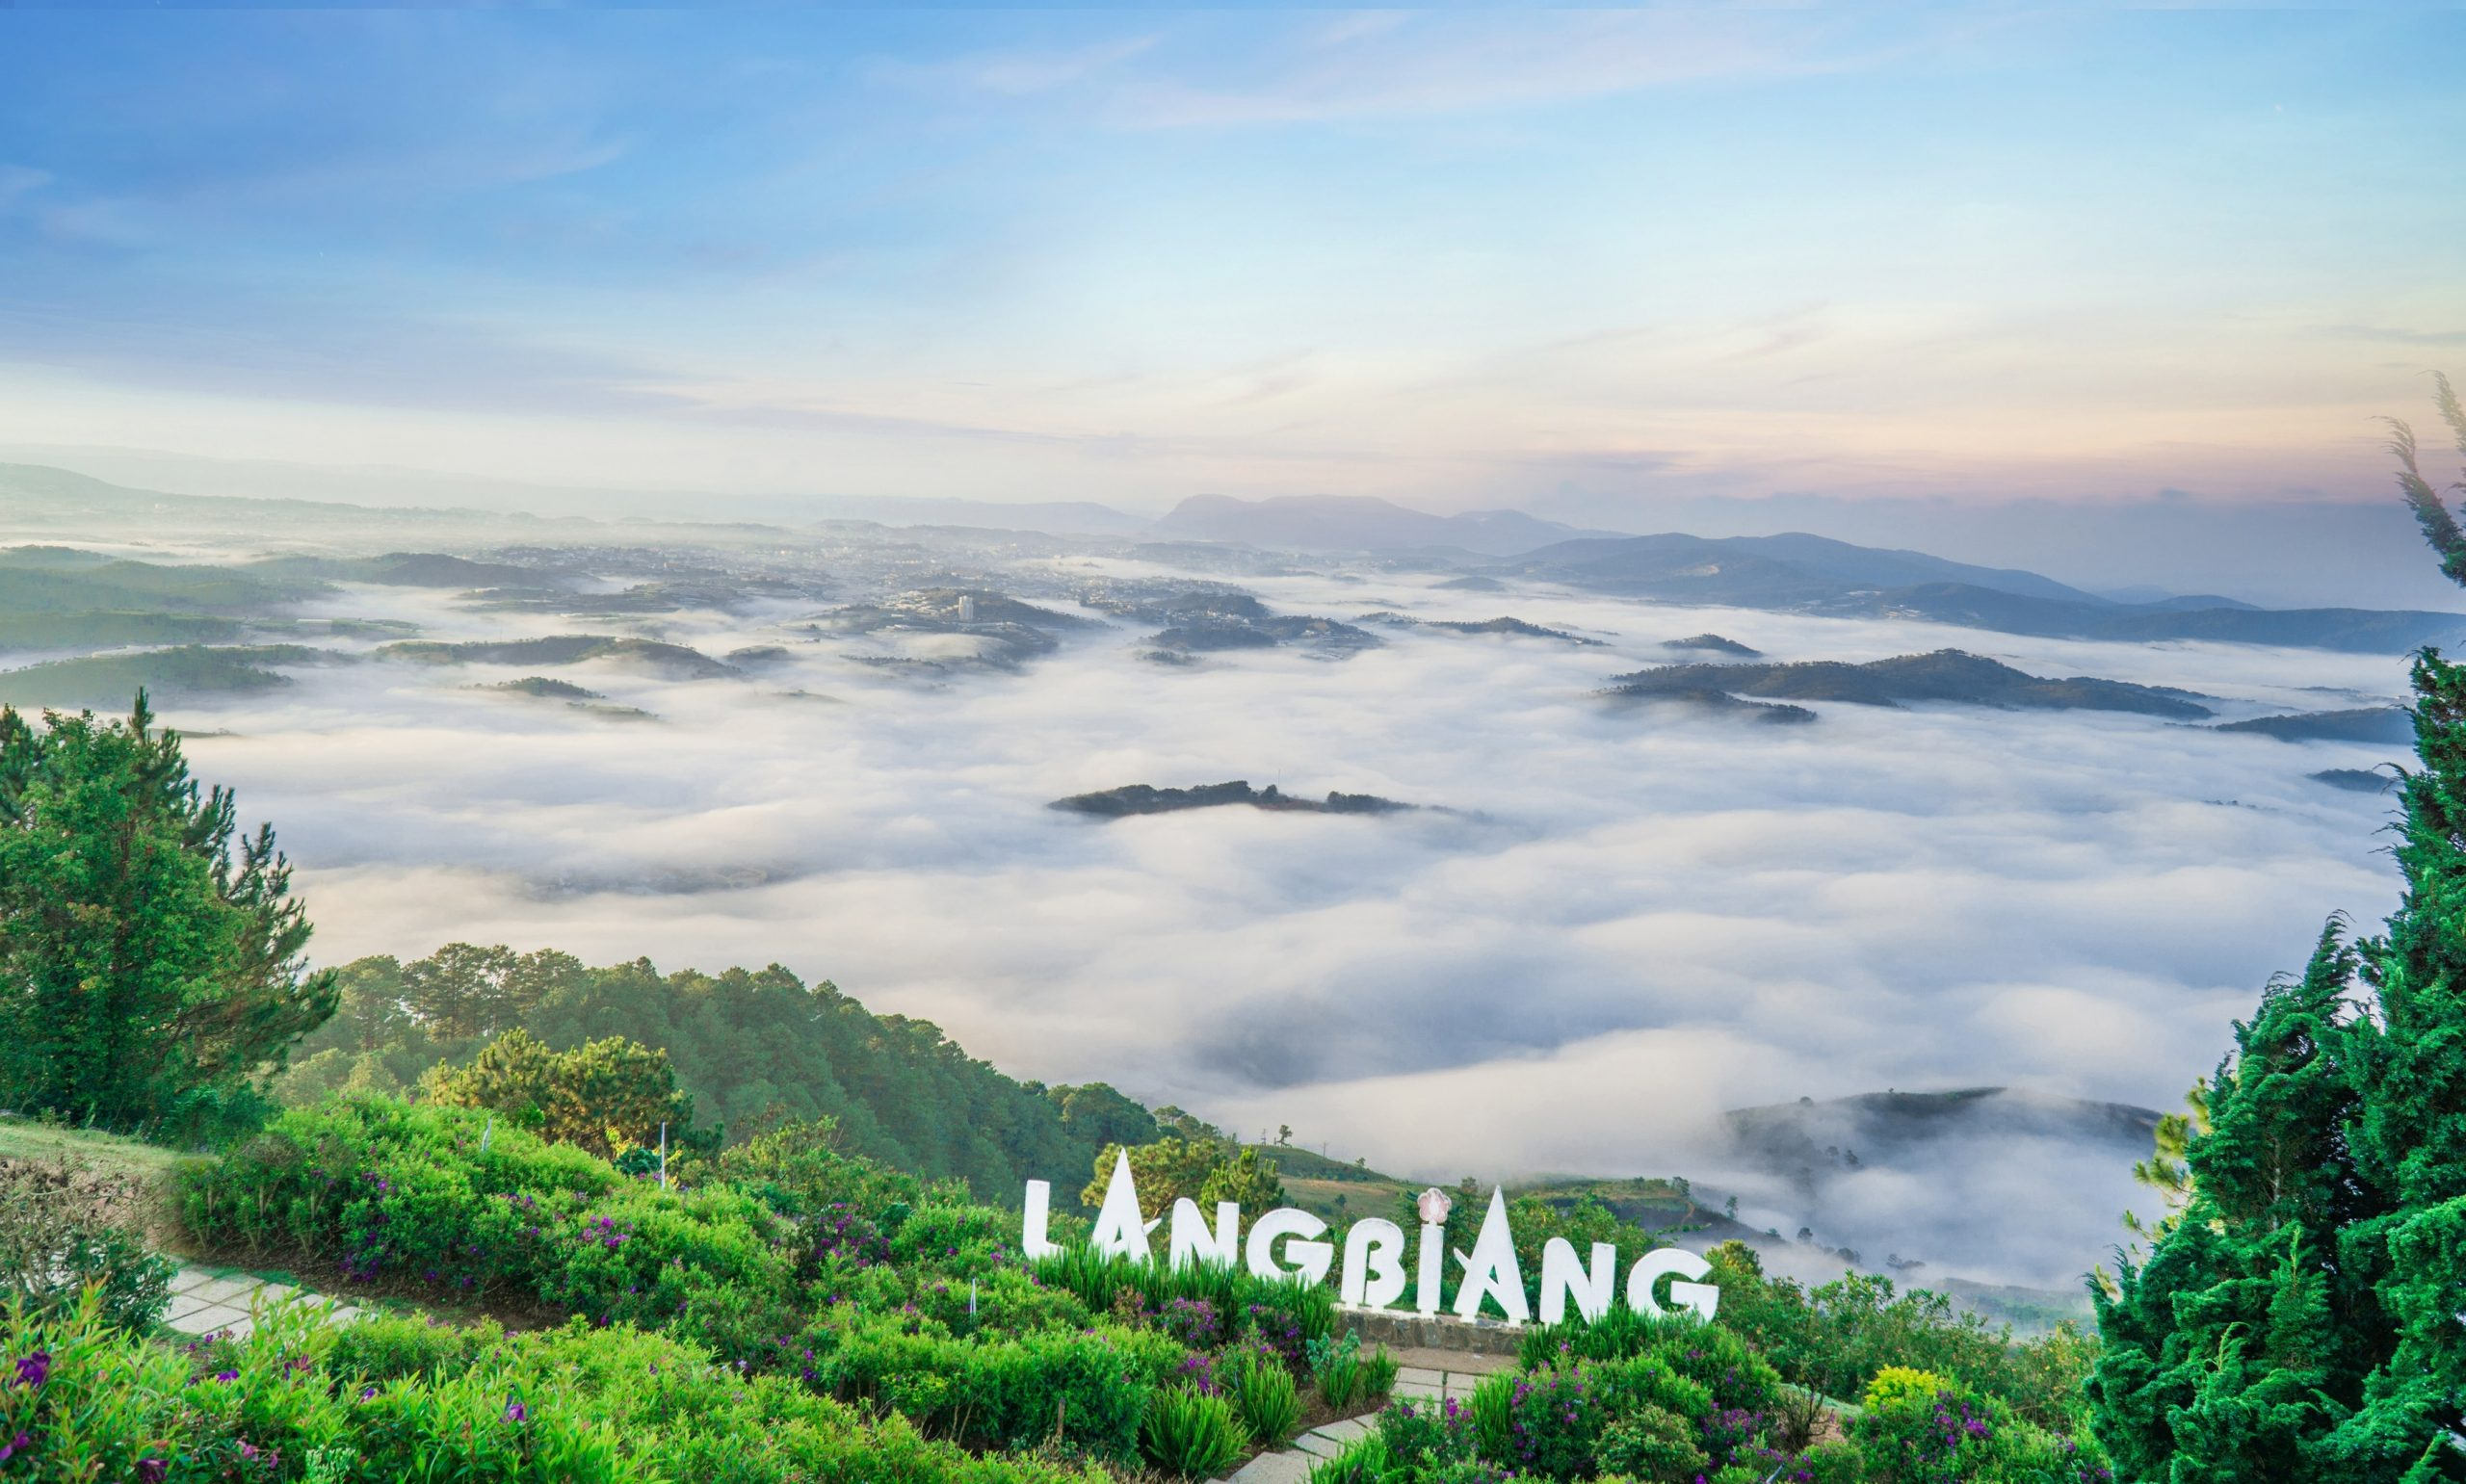 Đỉnh núi Langbiang với sương mù che phủ sáng sớm.